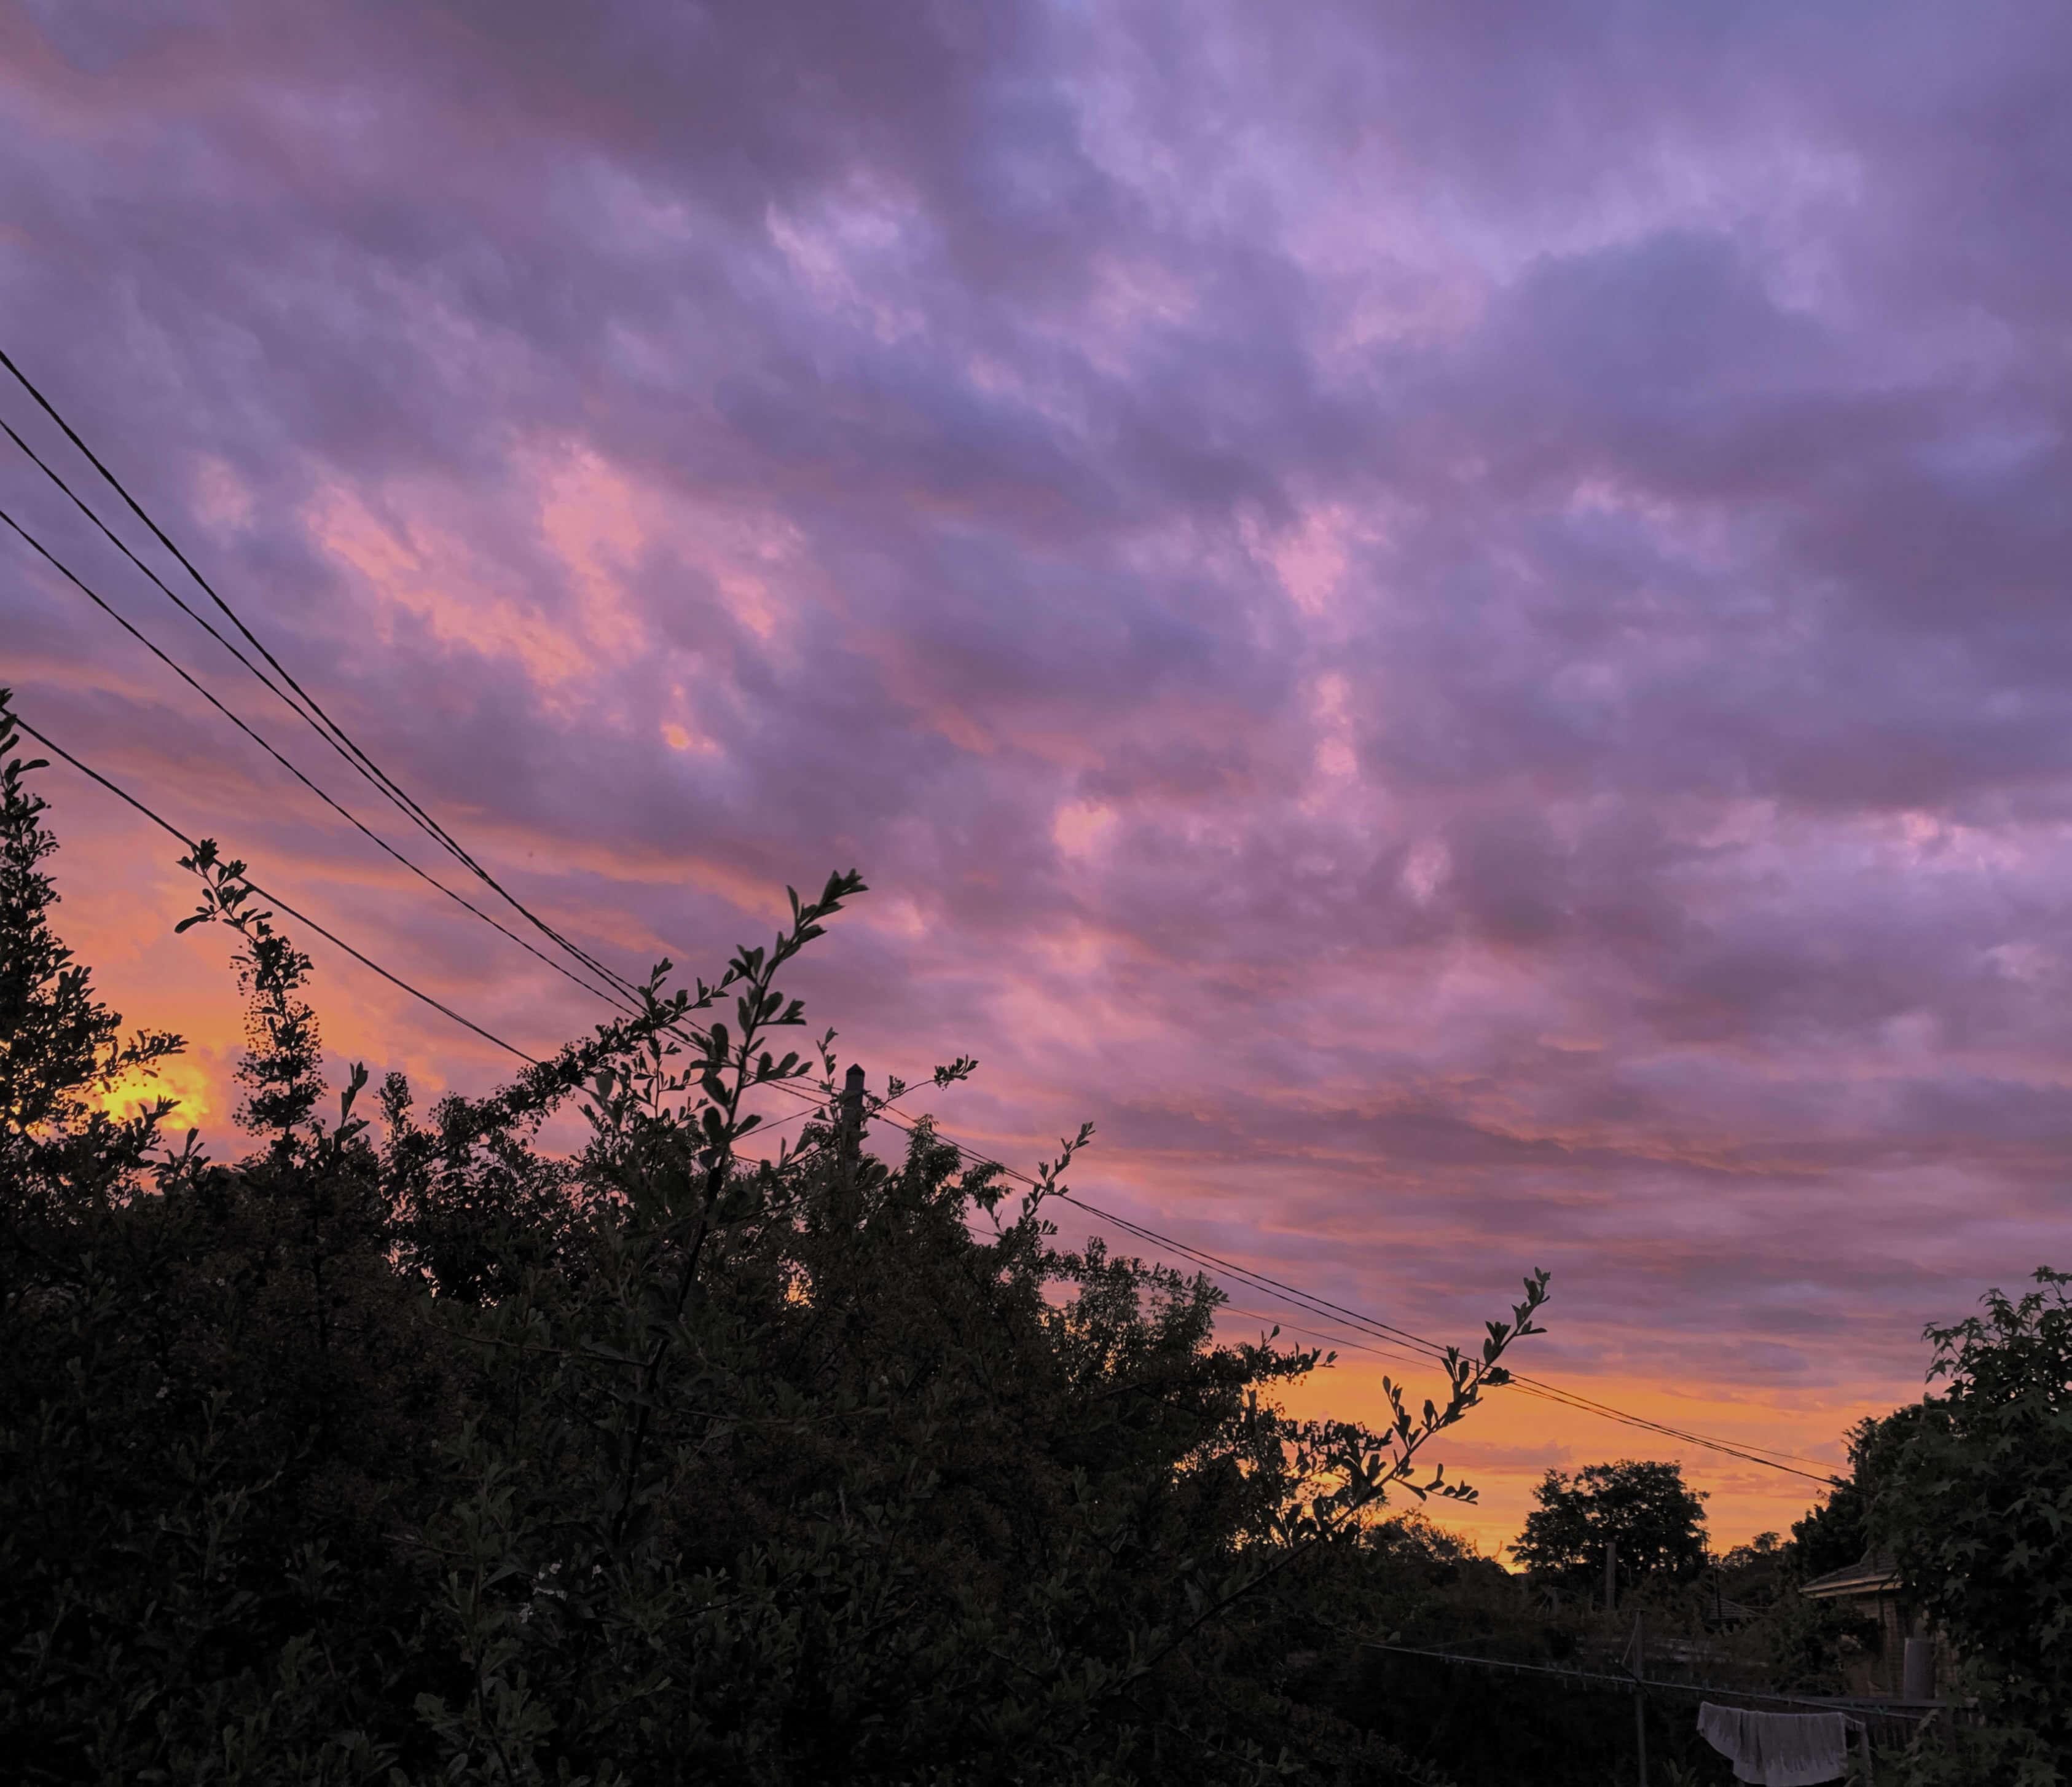 Sunset in my backyard